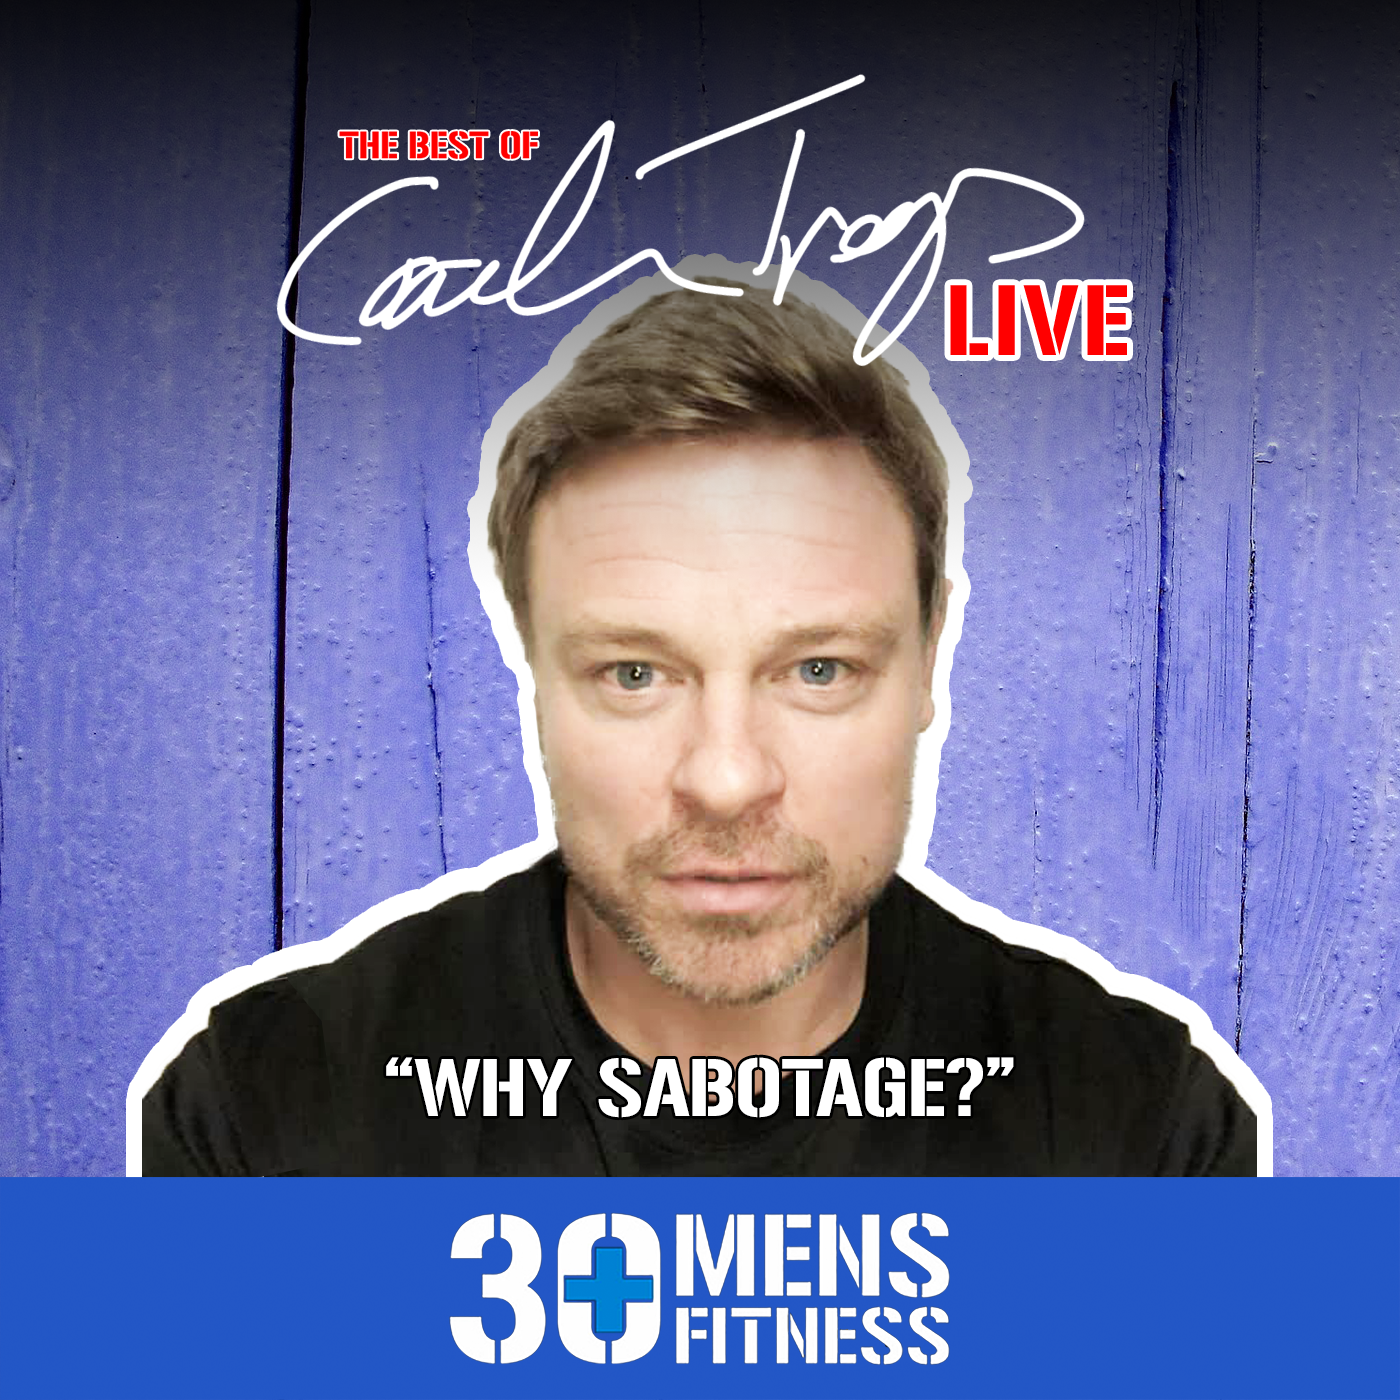 Why sabotage?